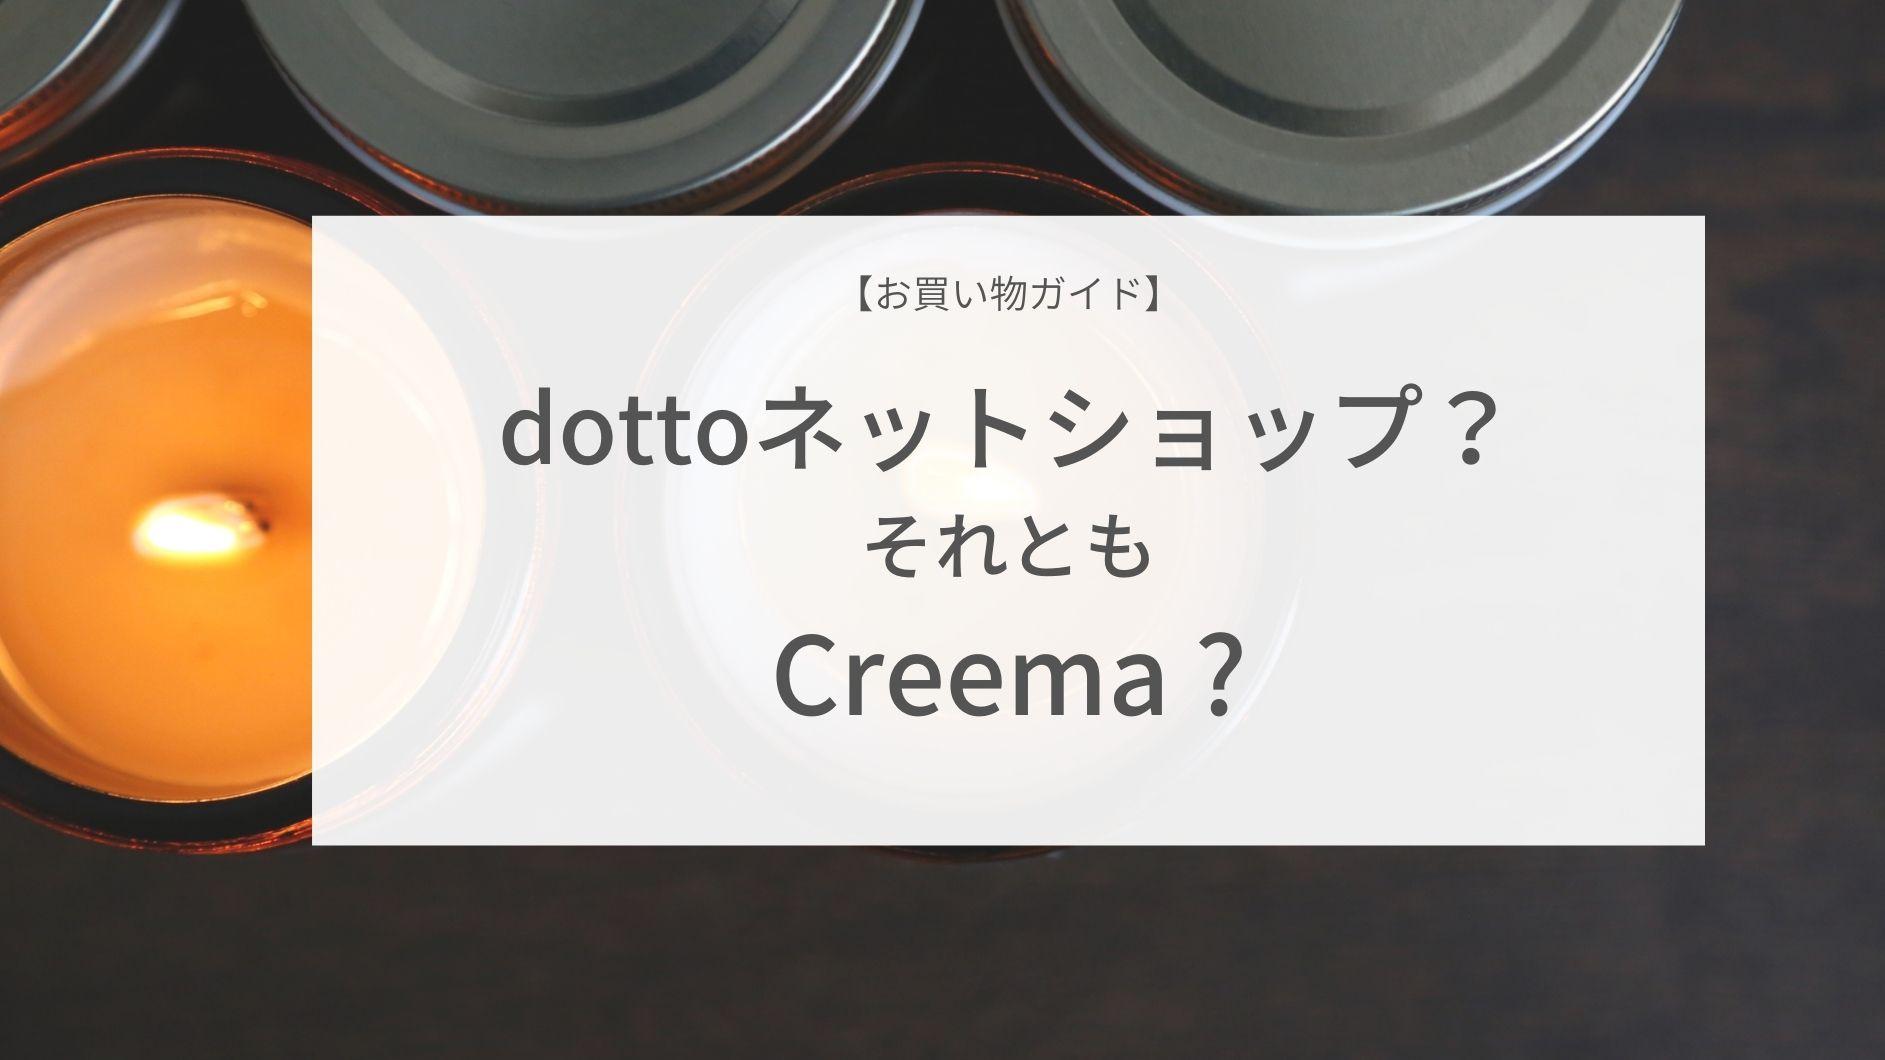 お買い物ガイド】dottoネットショップ?それともCreema?